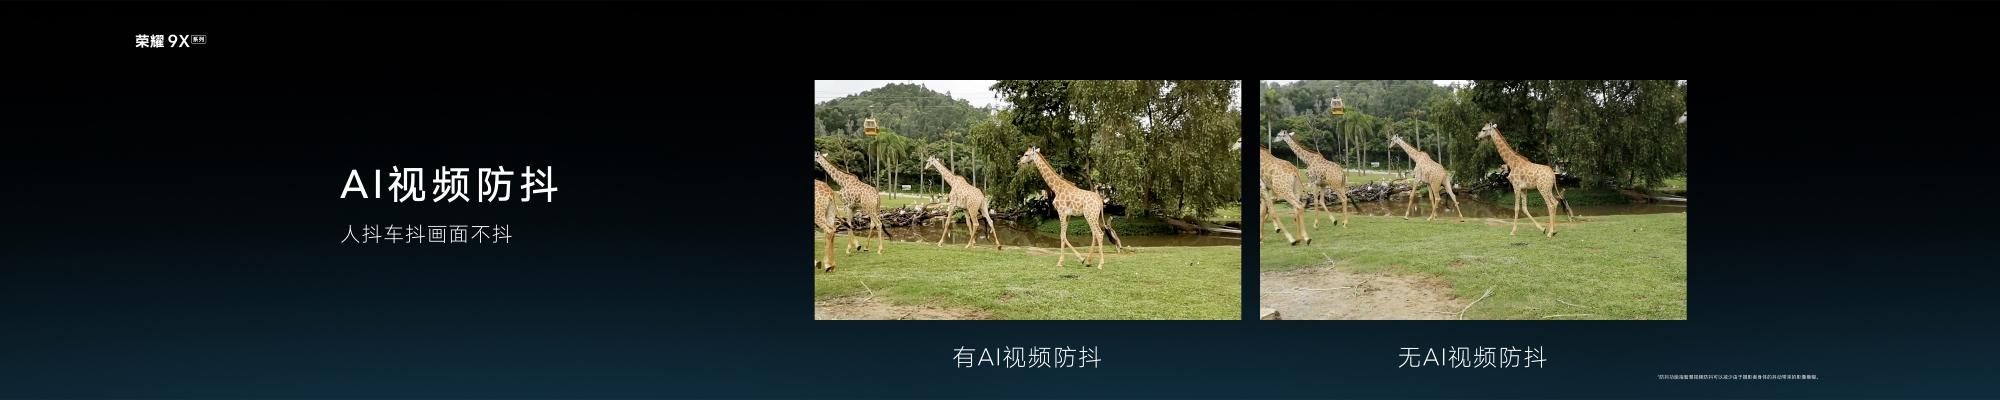 浩克胶片中文版0723-1322整合版-等价格.097.jpeg